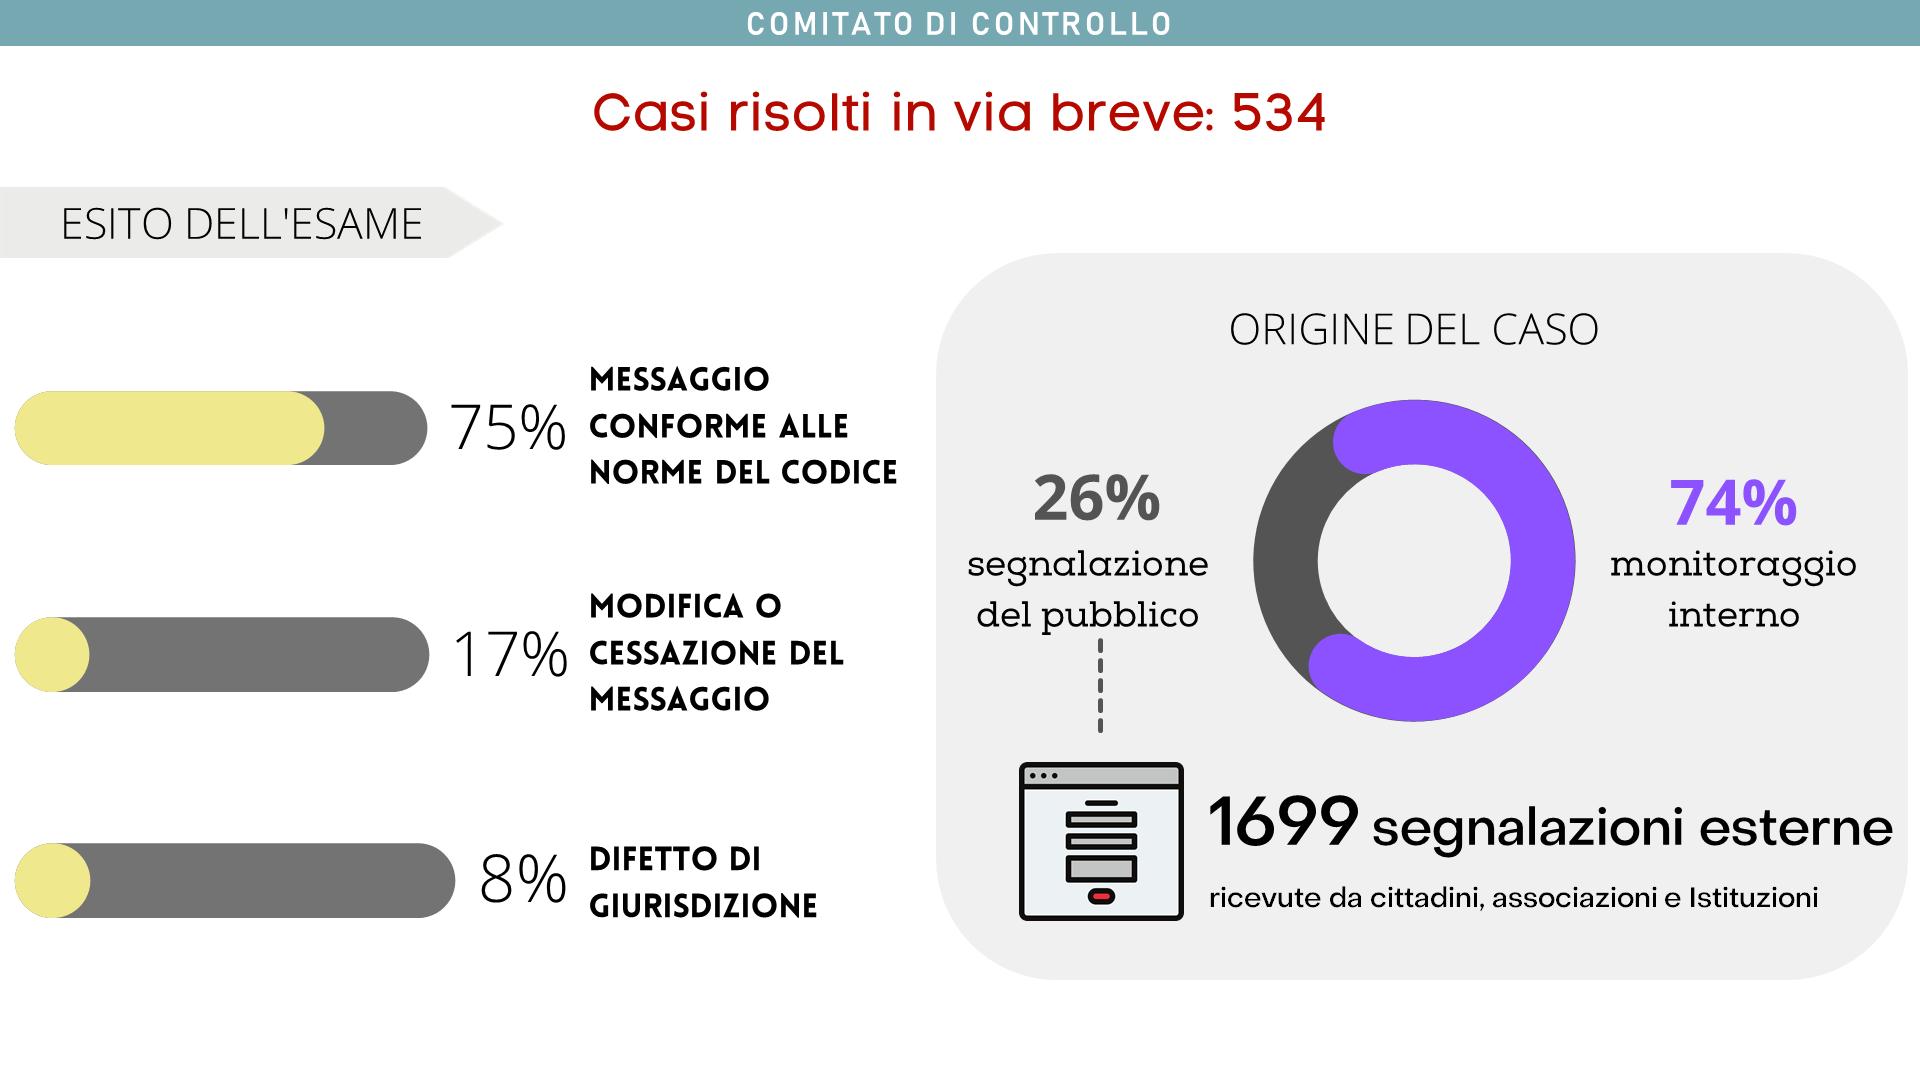 I 534 casi risolti in via breve dal Comitato sono stati originati da monitoraggio interno nel 74% dei casi. Il 75% dei messaggi esaminati è risultato conforme alle norme del Codice.